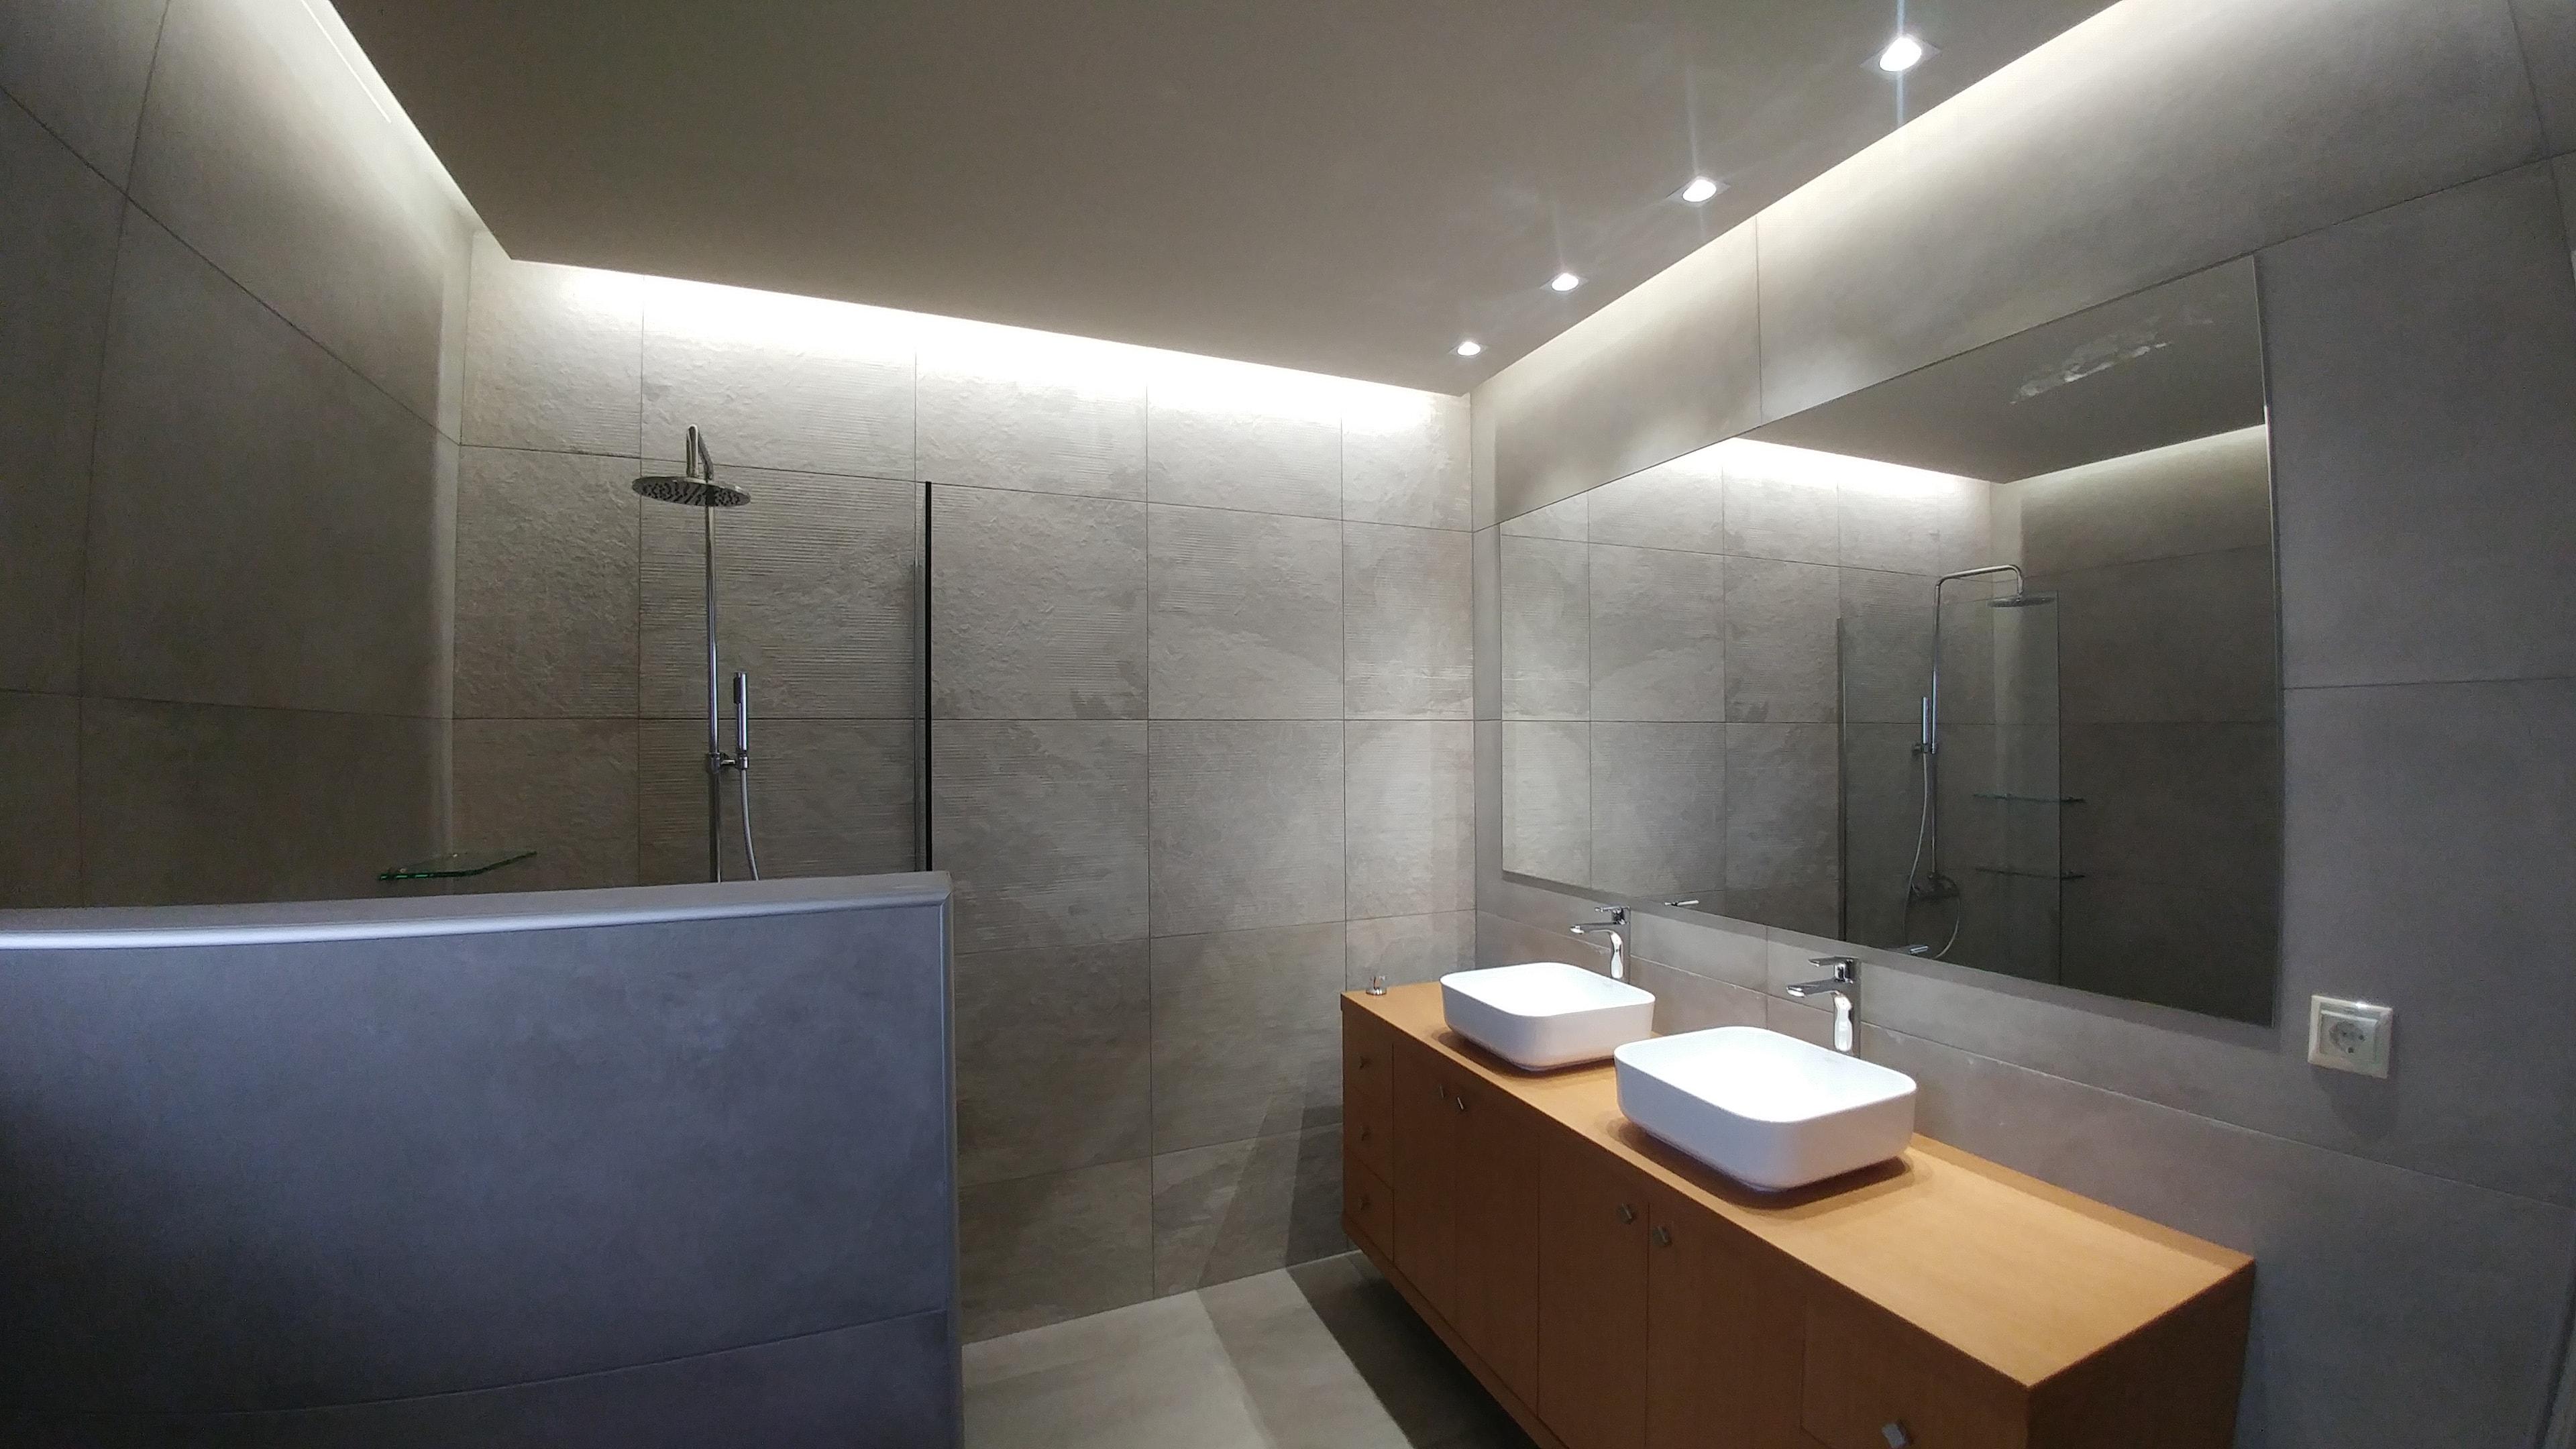 Ανακαίνιση κατοικίας Φιλοθέη | OPUS | Ανακαίνιση μπάνιου